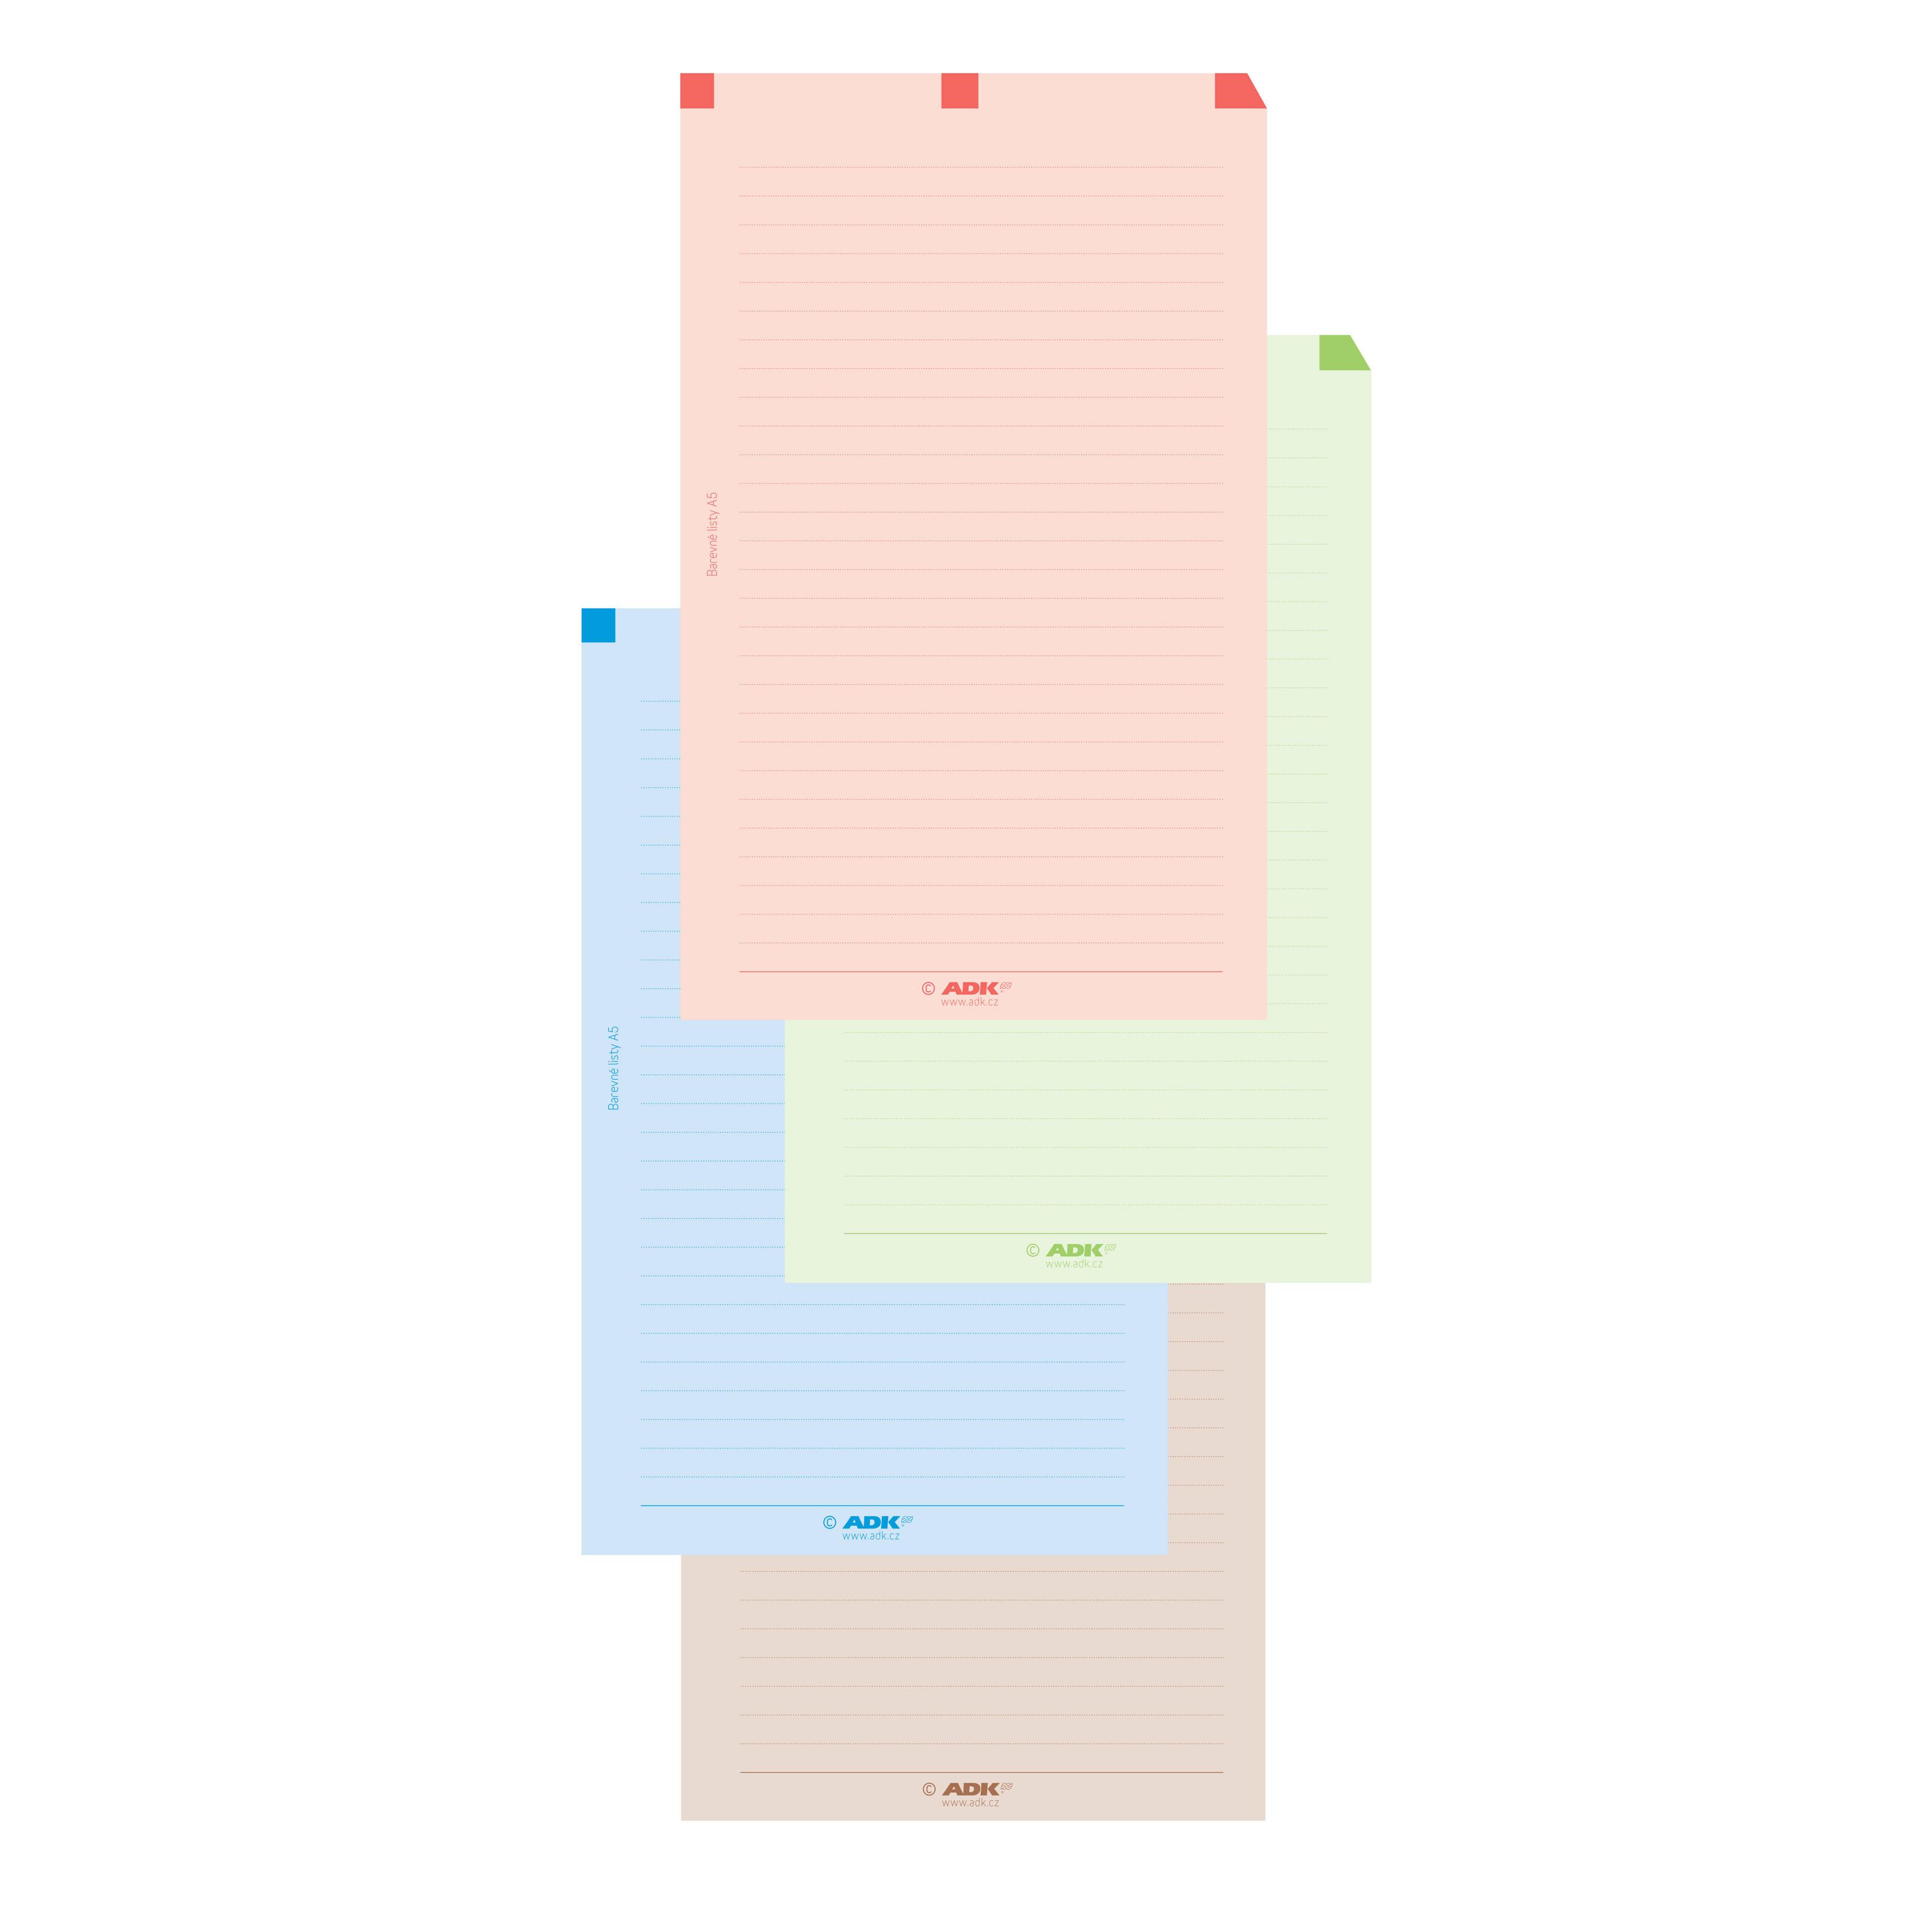 Formuláře Barevné poznámkové listy A5 (48 listů)